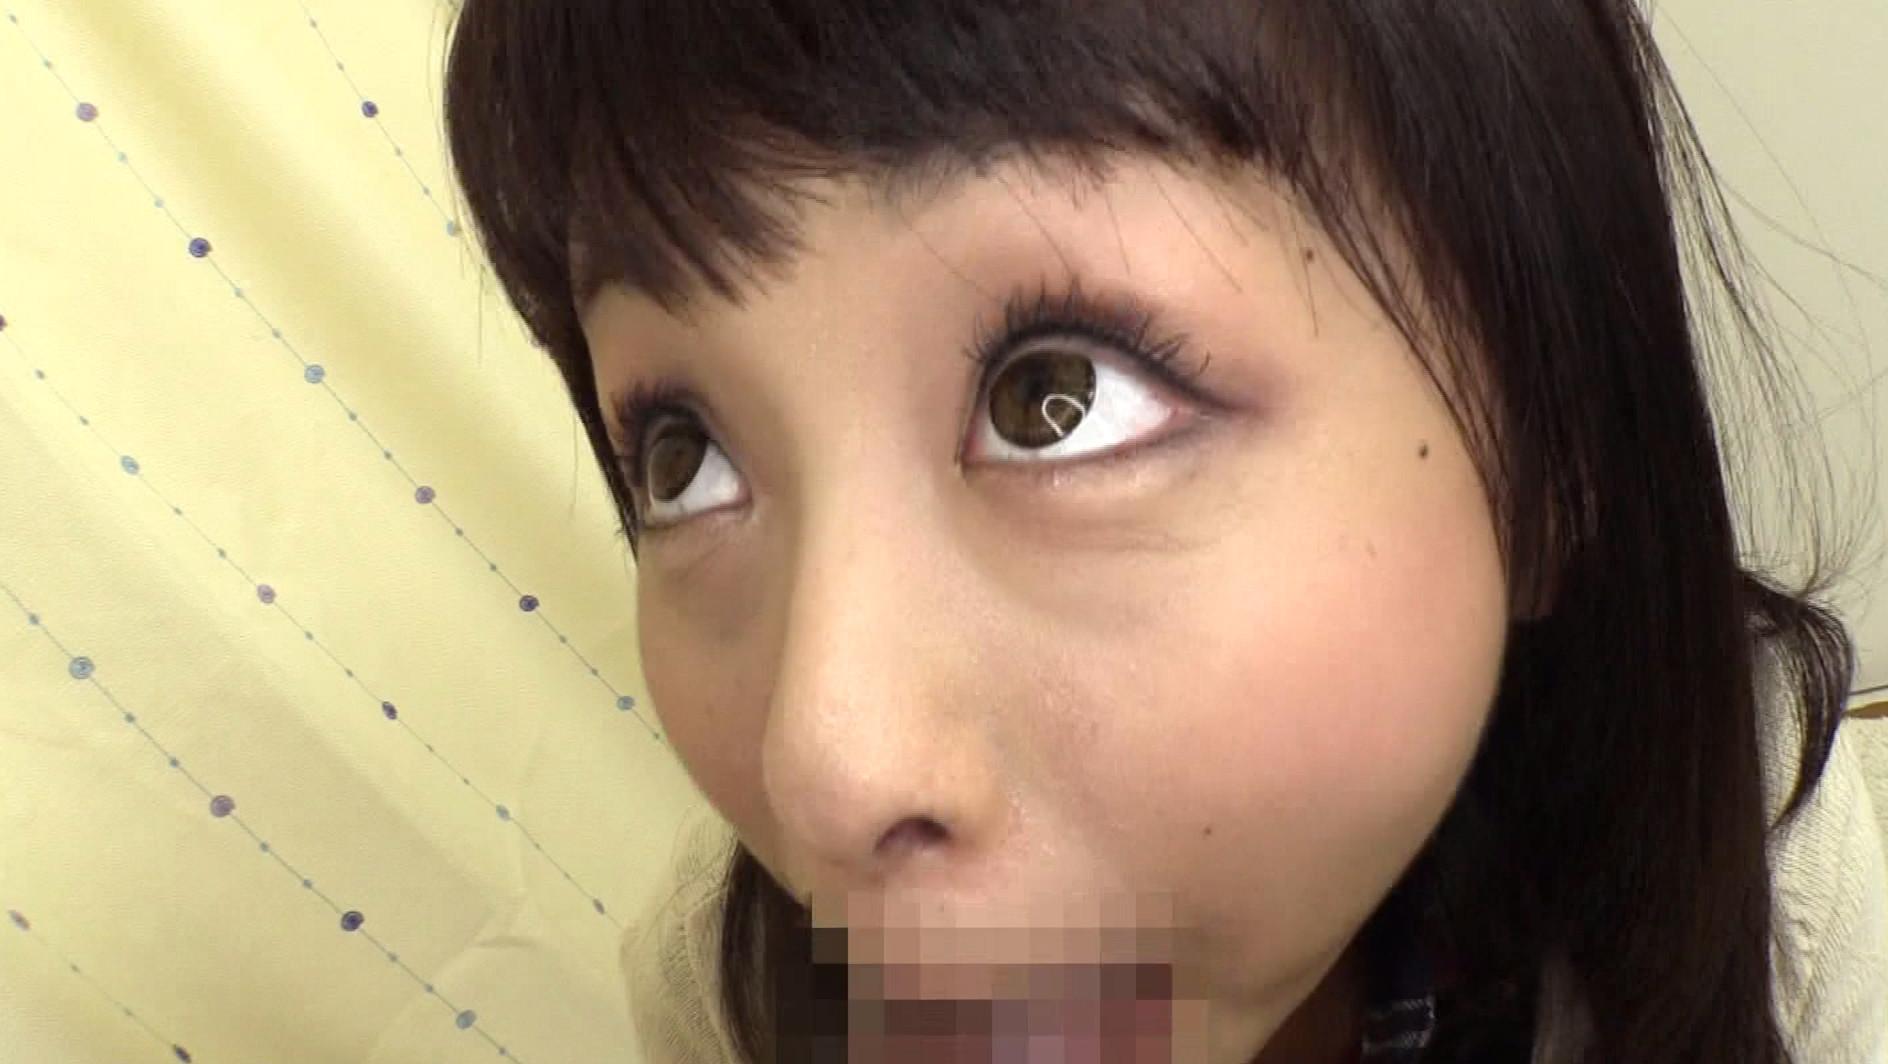 SNSに可愛い自撮り画像をアップしていた唯香ちゃん(20歳)に「1回だけでいいからAVに出演してみない?」とお願いしました。 画像6